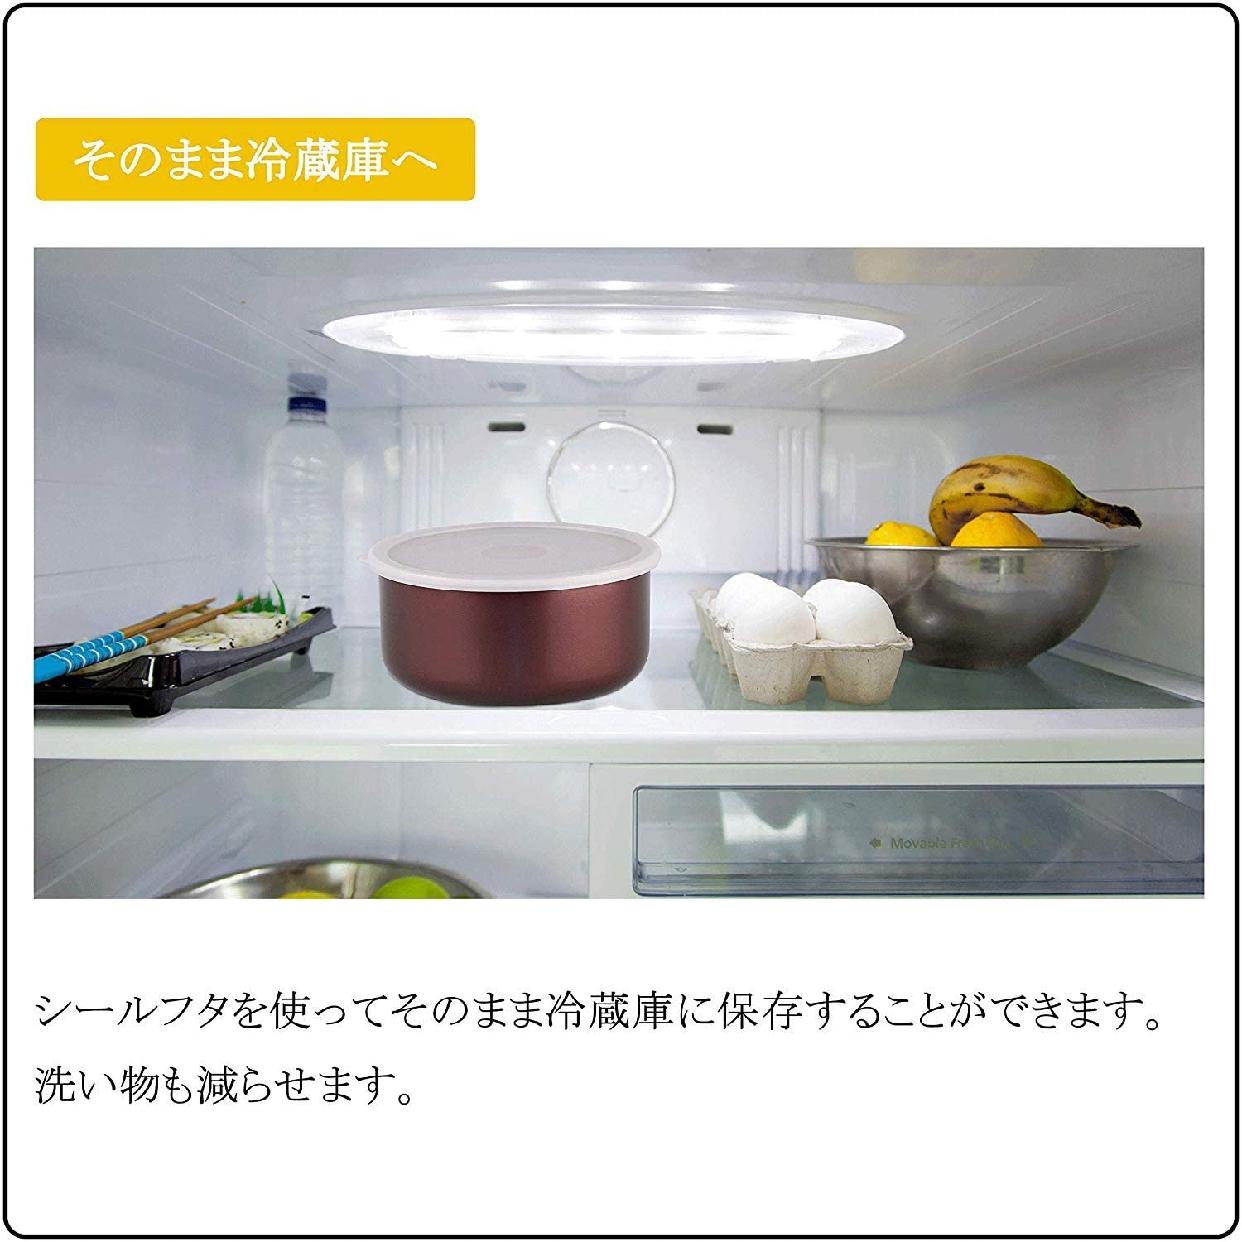 COOKSMARK(クックスマーク)ダイヤモンドコートパン 6点セットの商品画像3